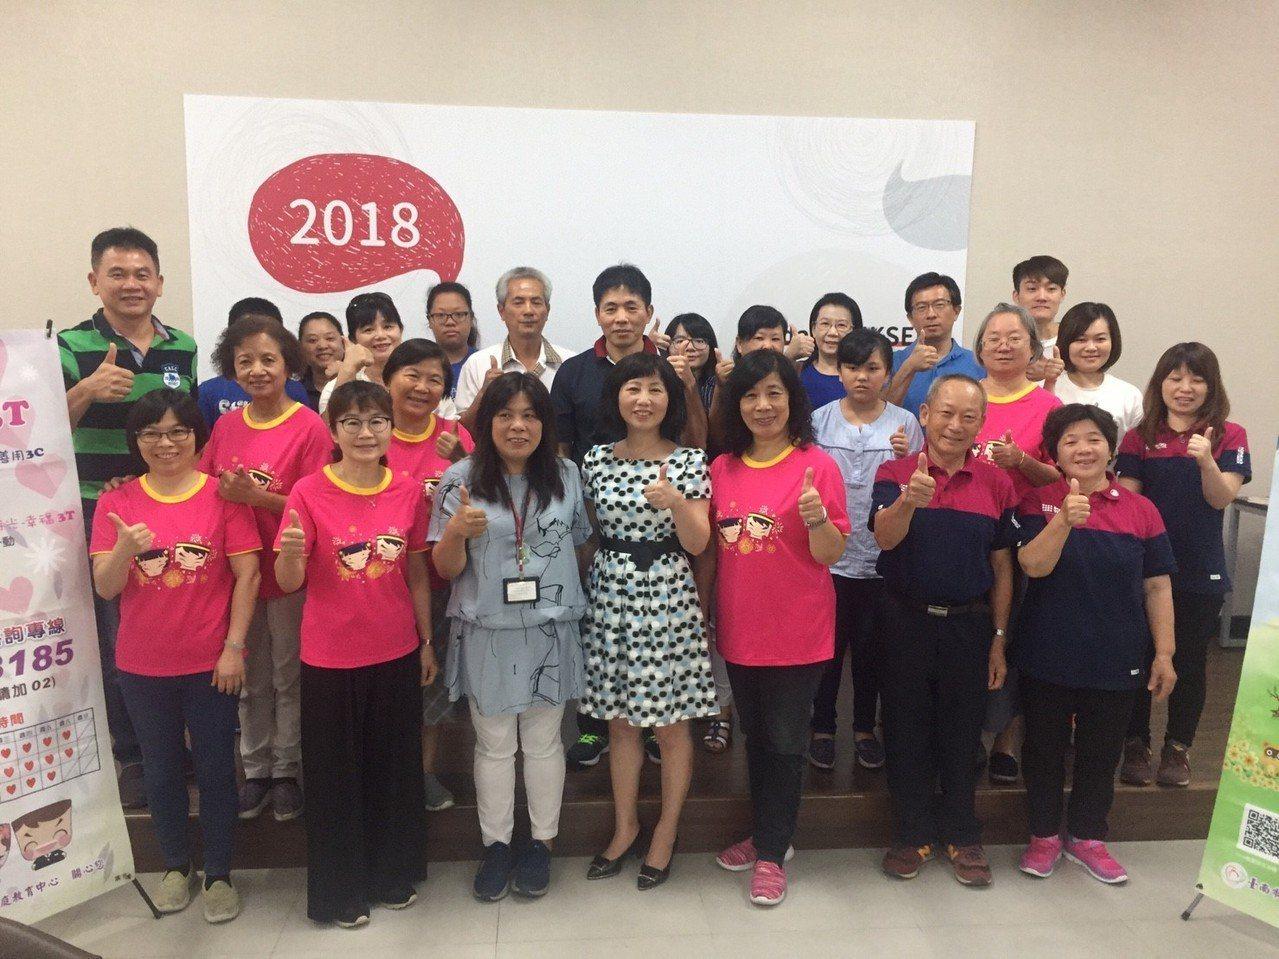 由台南市家庭教育中心策劃執行親子活動,講師透過桌遊、繪本來引導大家正視家庭的重要...